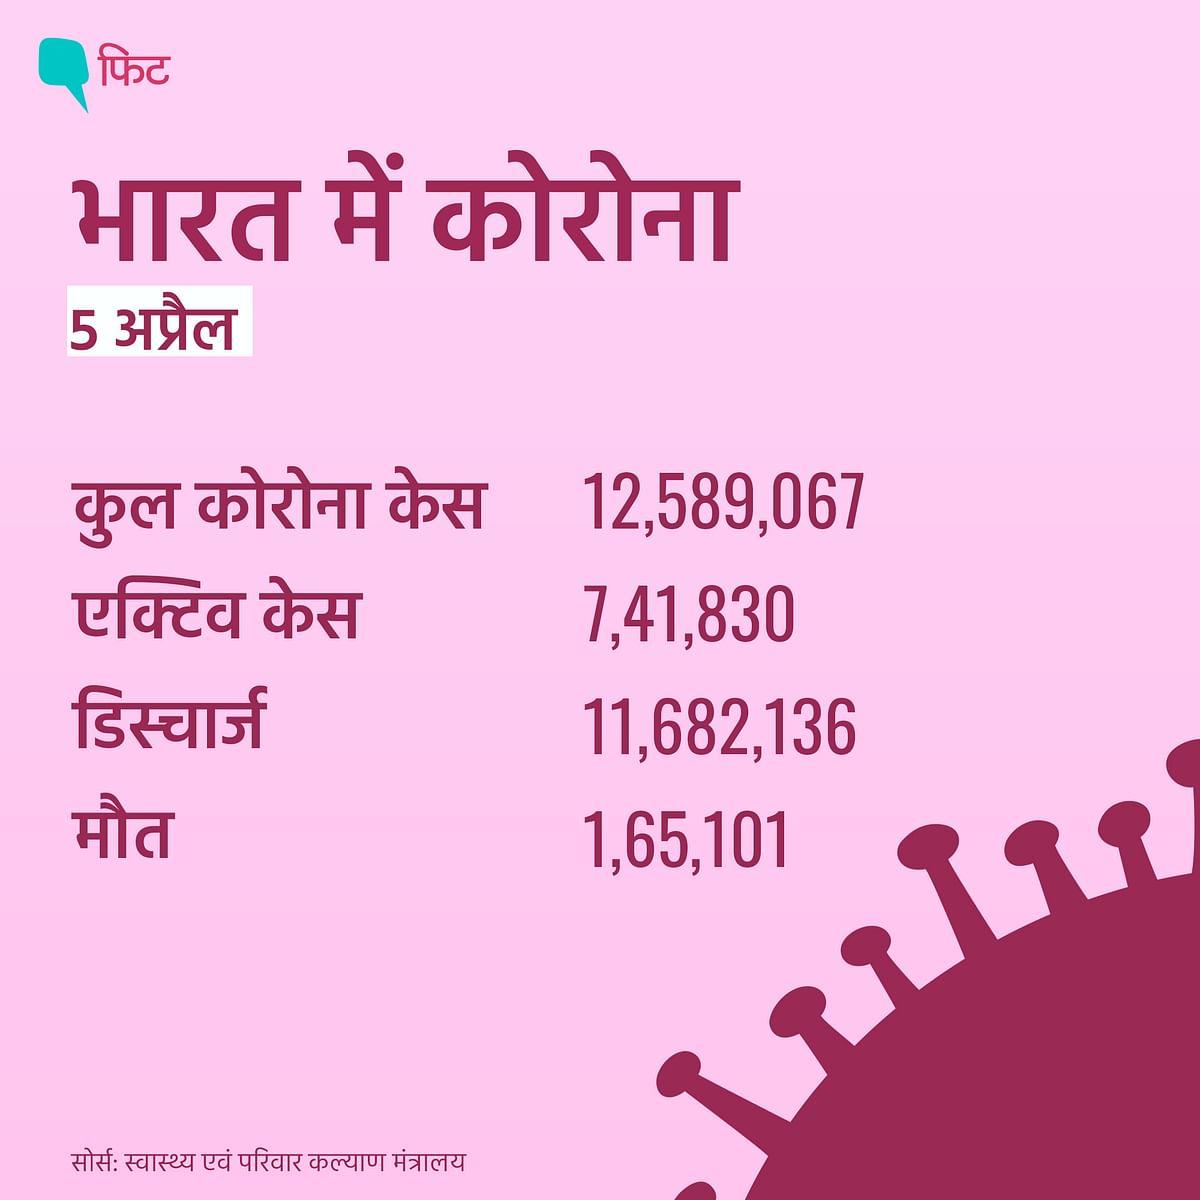 1 लाख से ज्यादा नए कोरोना केस: भारत इस स्थिति तक कैसे पहुंचा?